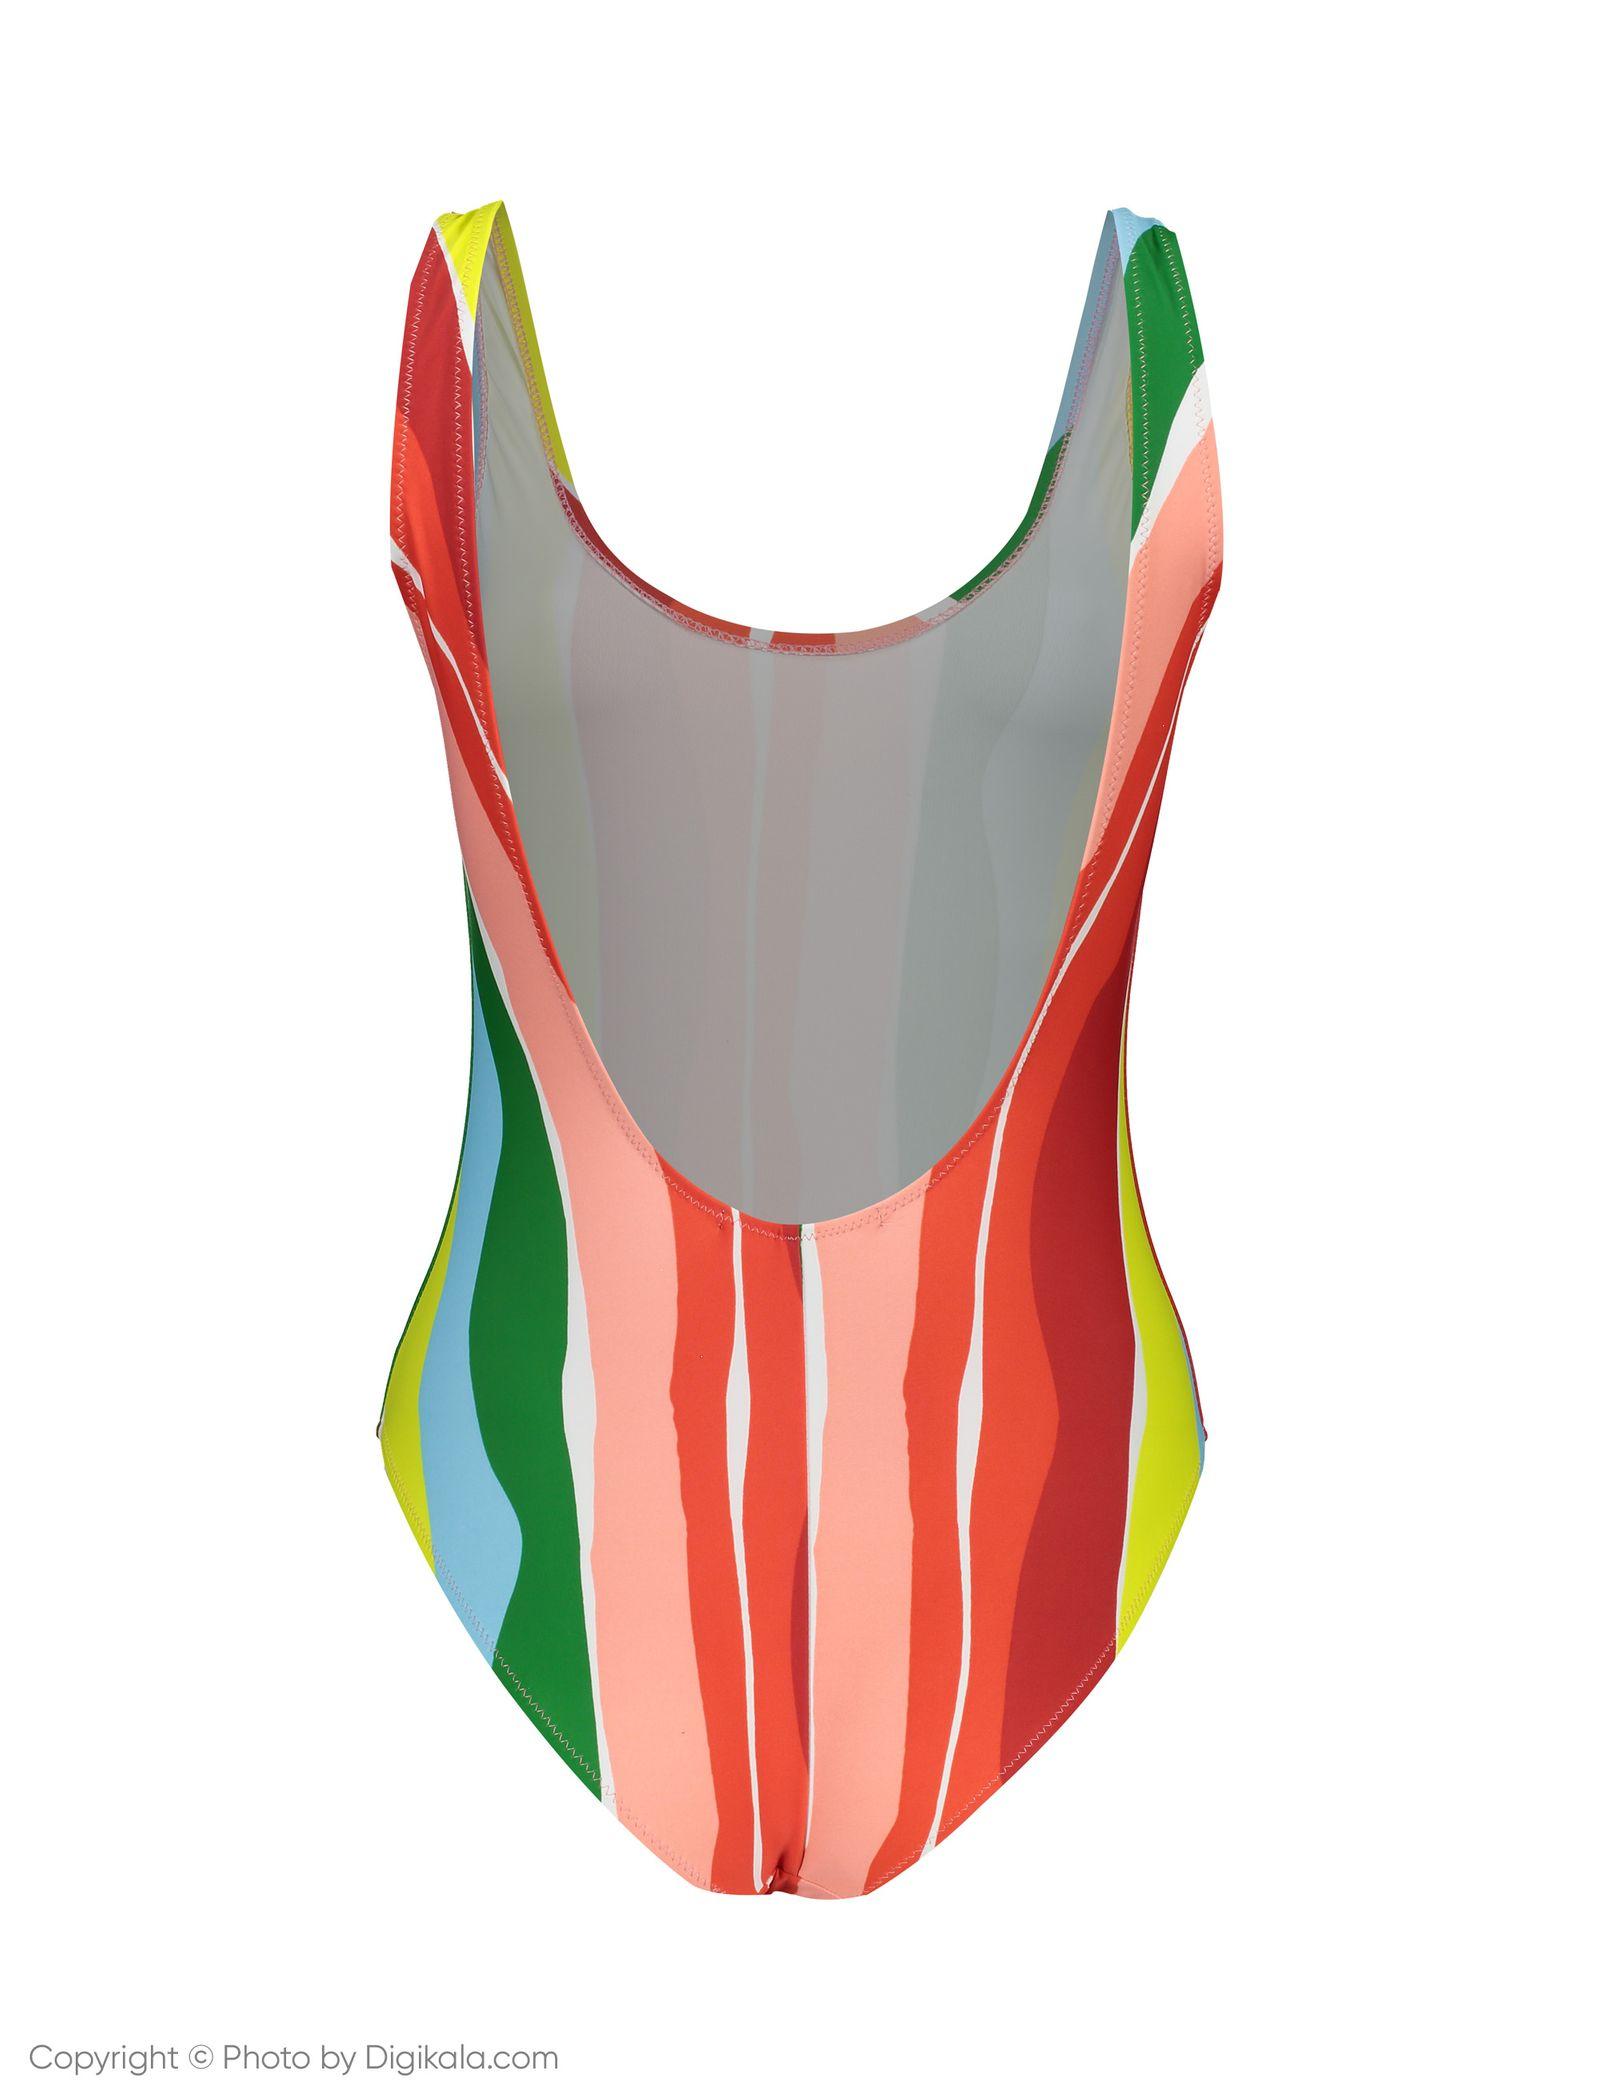 مایو یک تکه طرح دار زنانه - مانگو - چند رنگ - 3